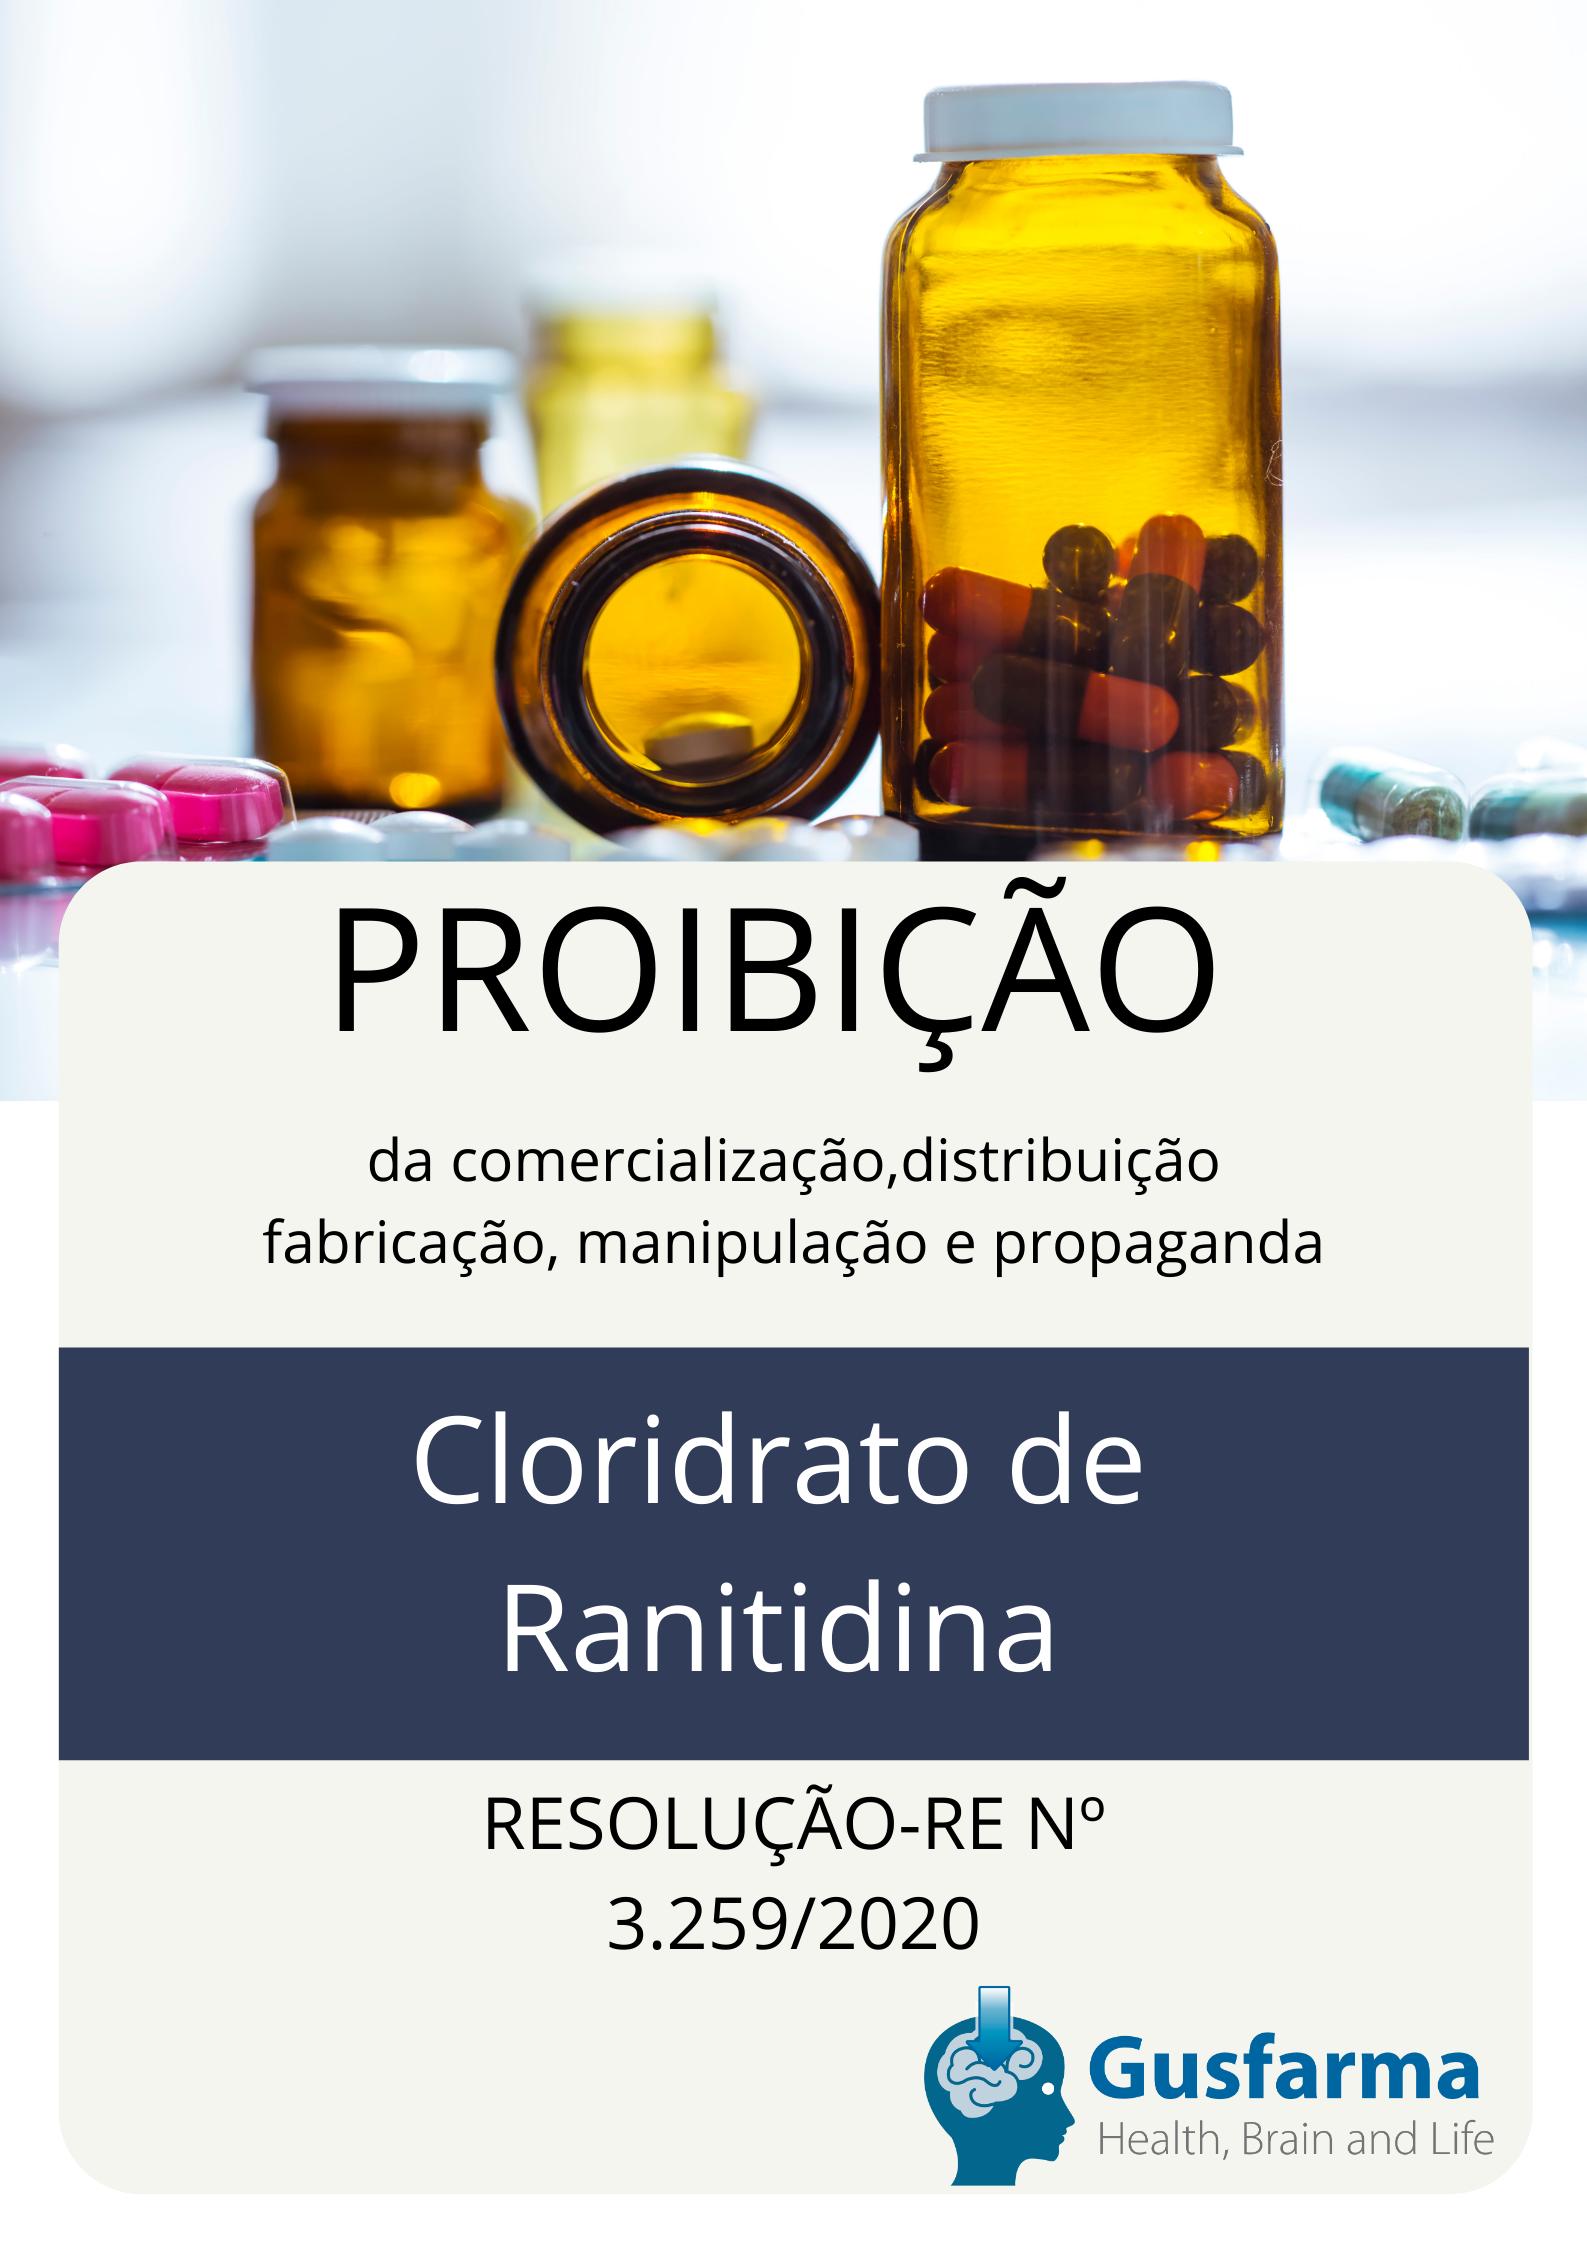 Proibição definitiva do medicamento Cloridrato de ranitidina .